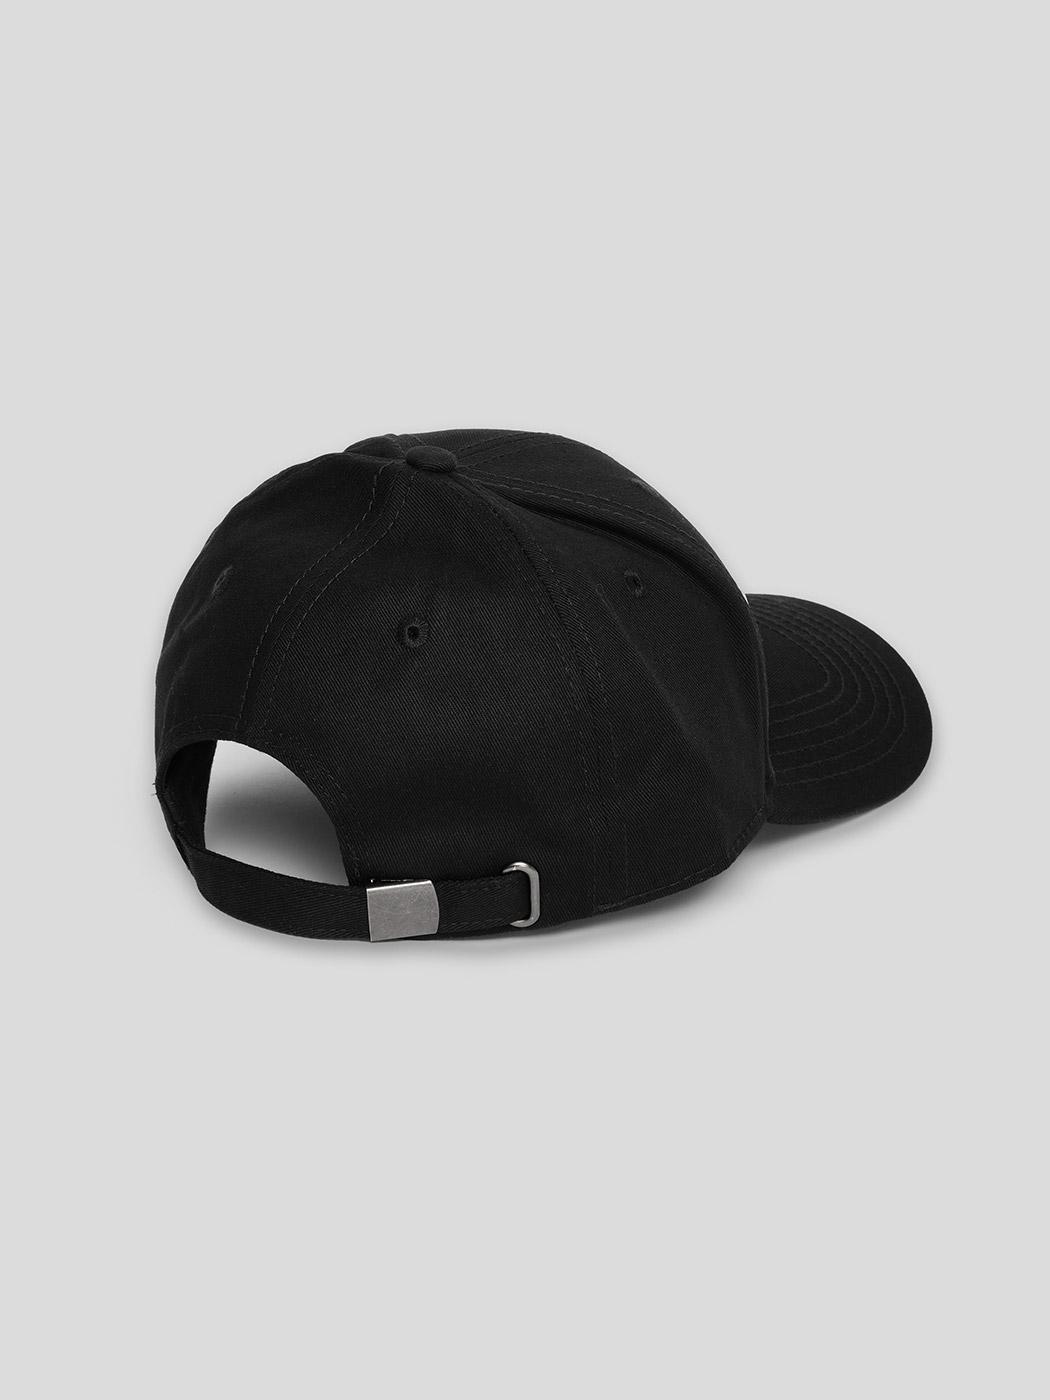 HAT - CDFA572 - COMME DES FKDOWN